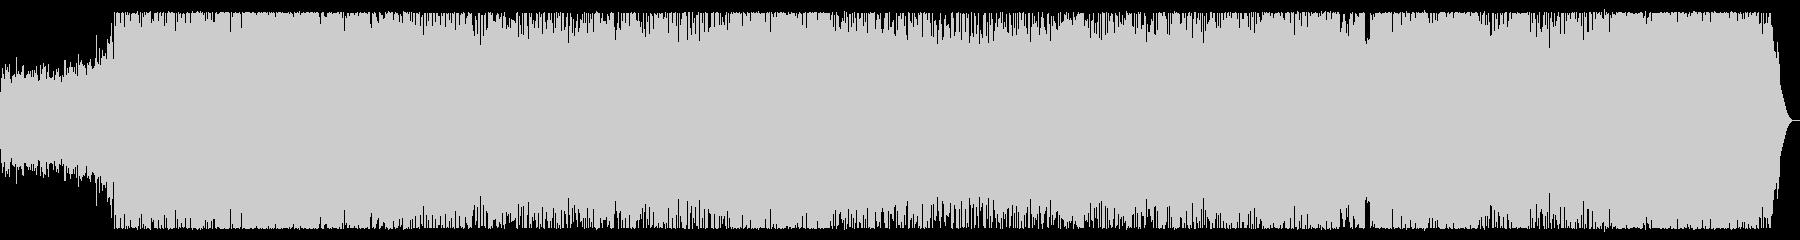 スピードメタル 攻撃的な疾走チューンの未再生の波形